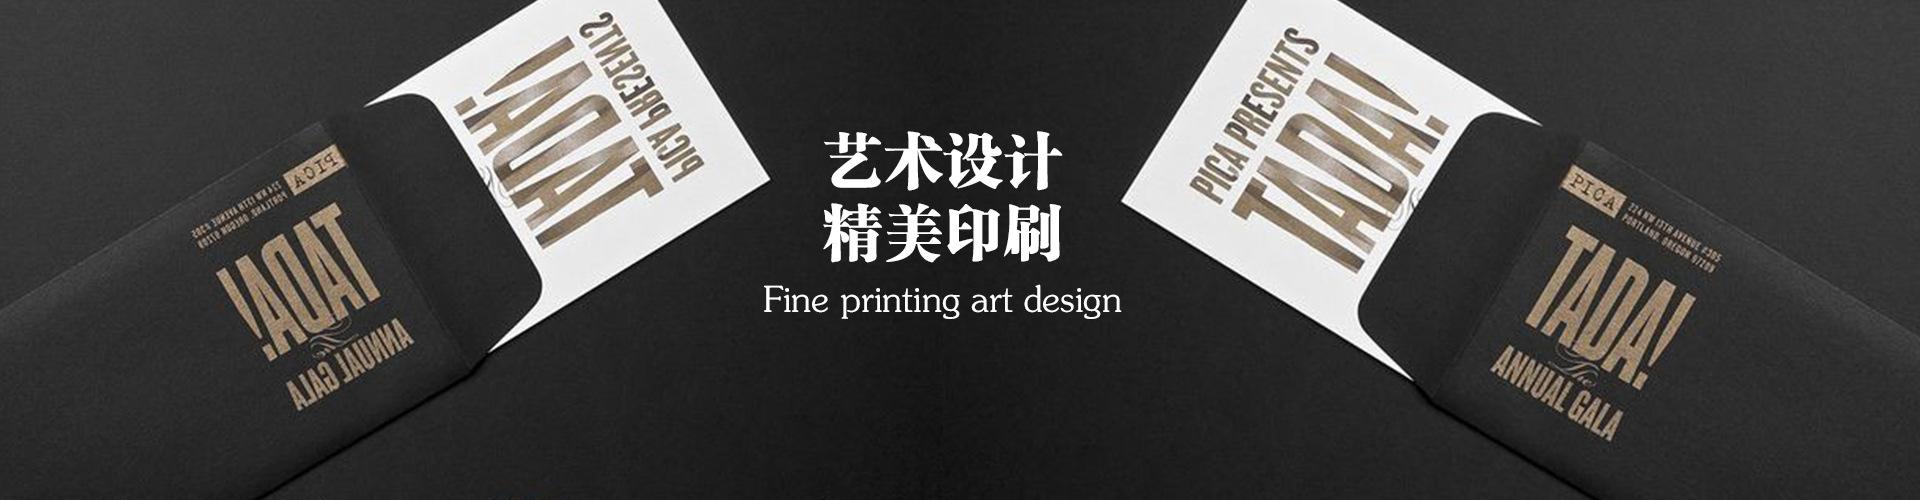 郑州印刷,郑州印刷厂,郑州印刷厂家,郑州书刊印刷,郑州画册印刷,郑州印刷公司,郑州印刷哪家好